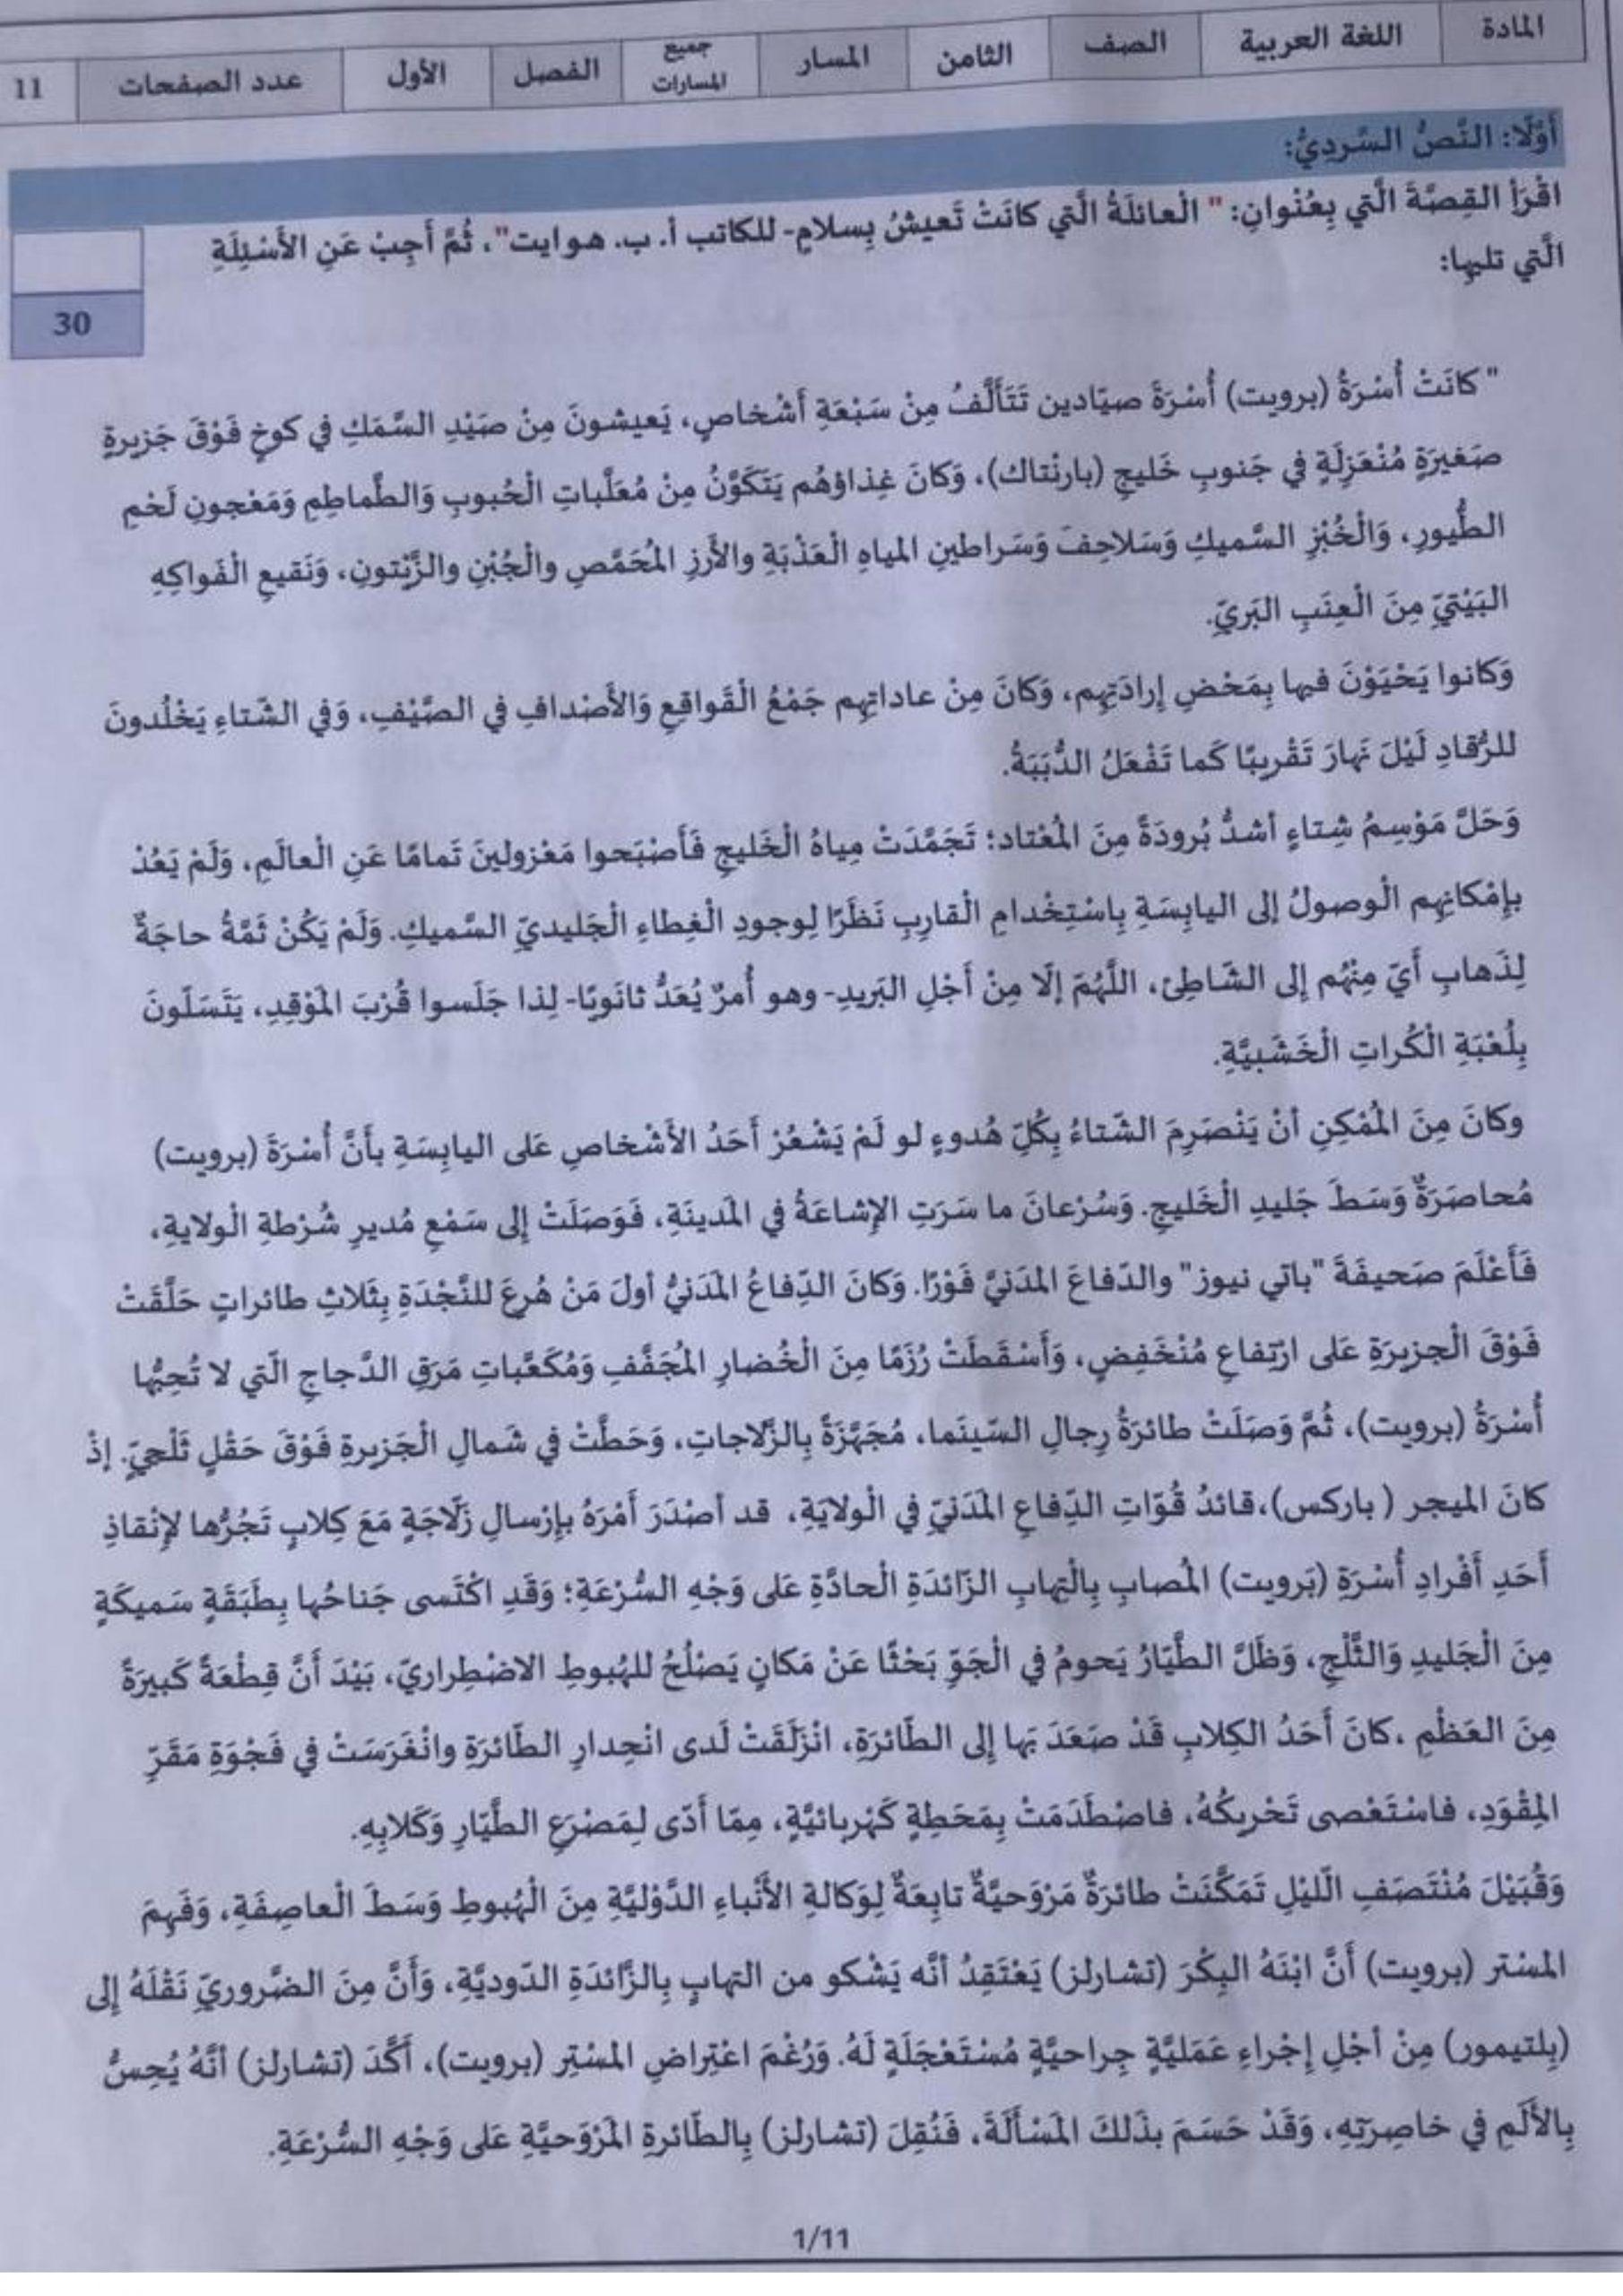 امتحان نهاية الفصل الدراسي الاول 2019-2020 الصف الثامن مادة اللغة العربية